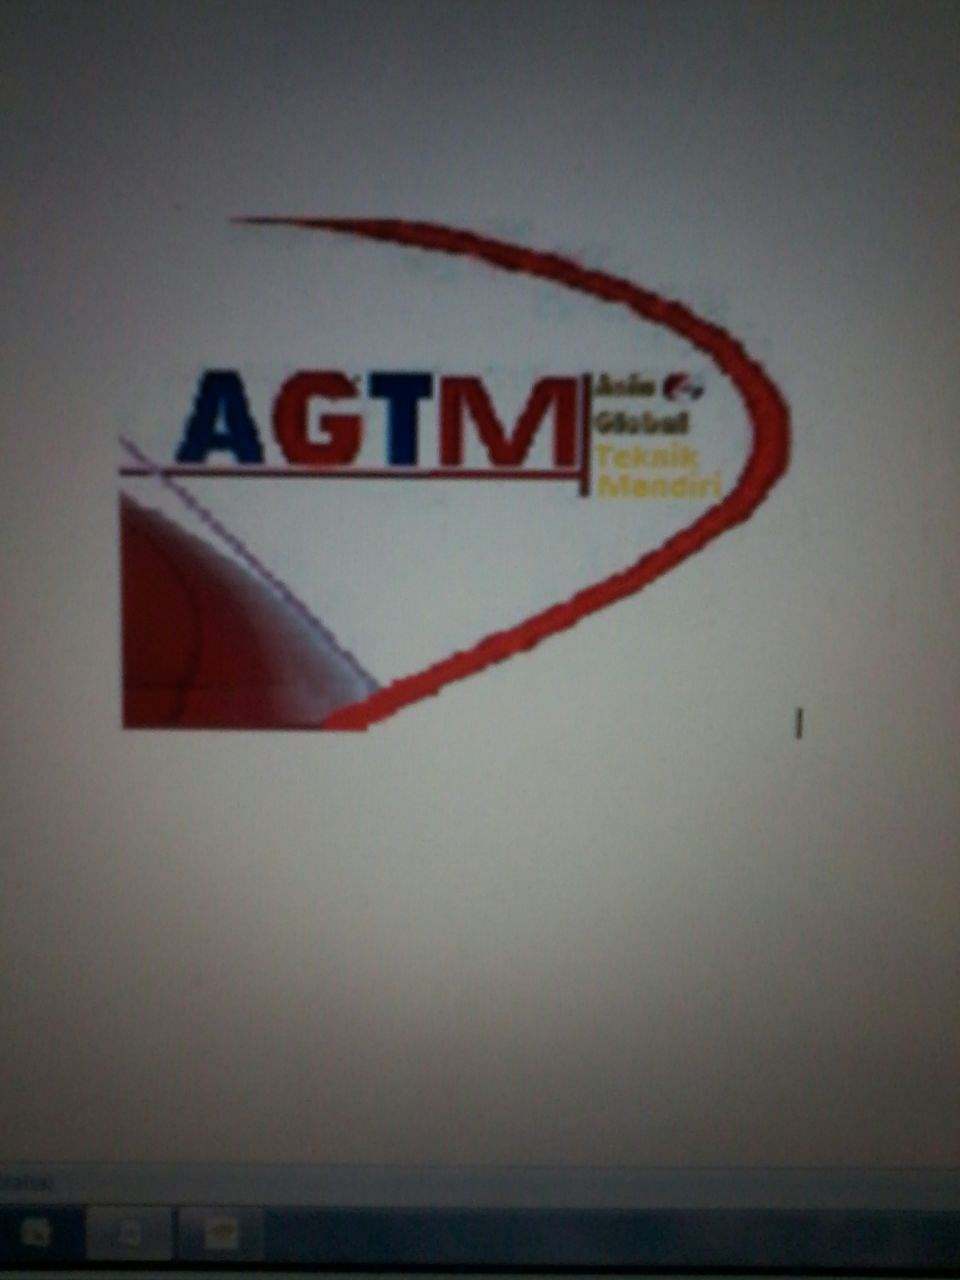 Asia Global Teknik Mandiri